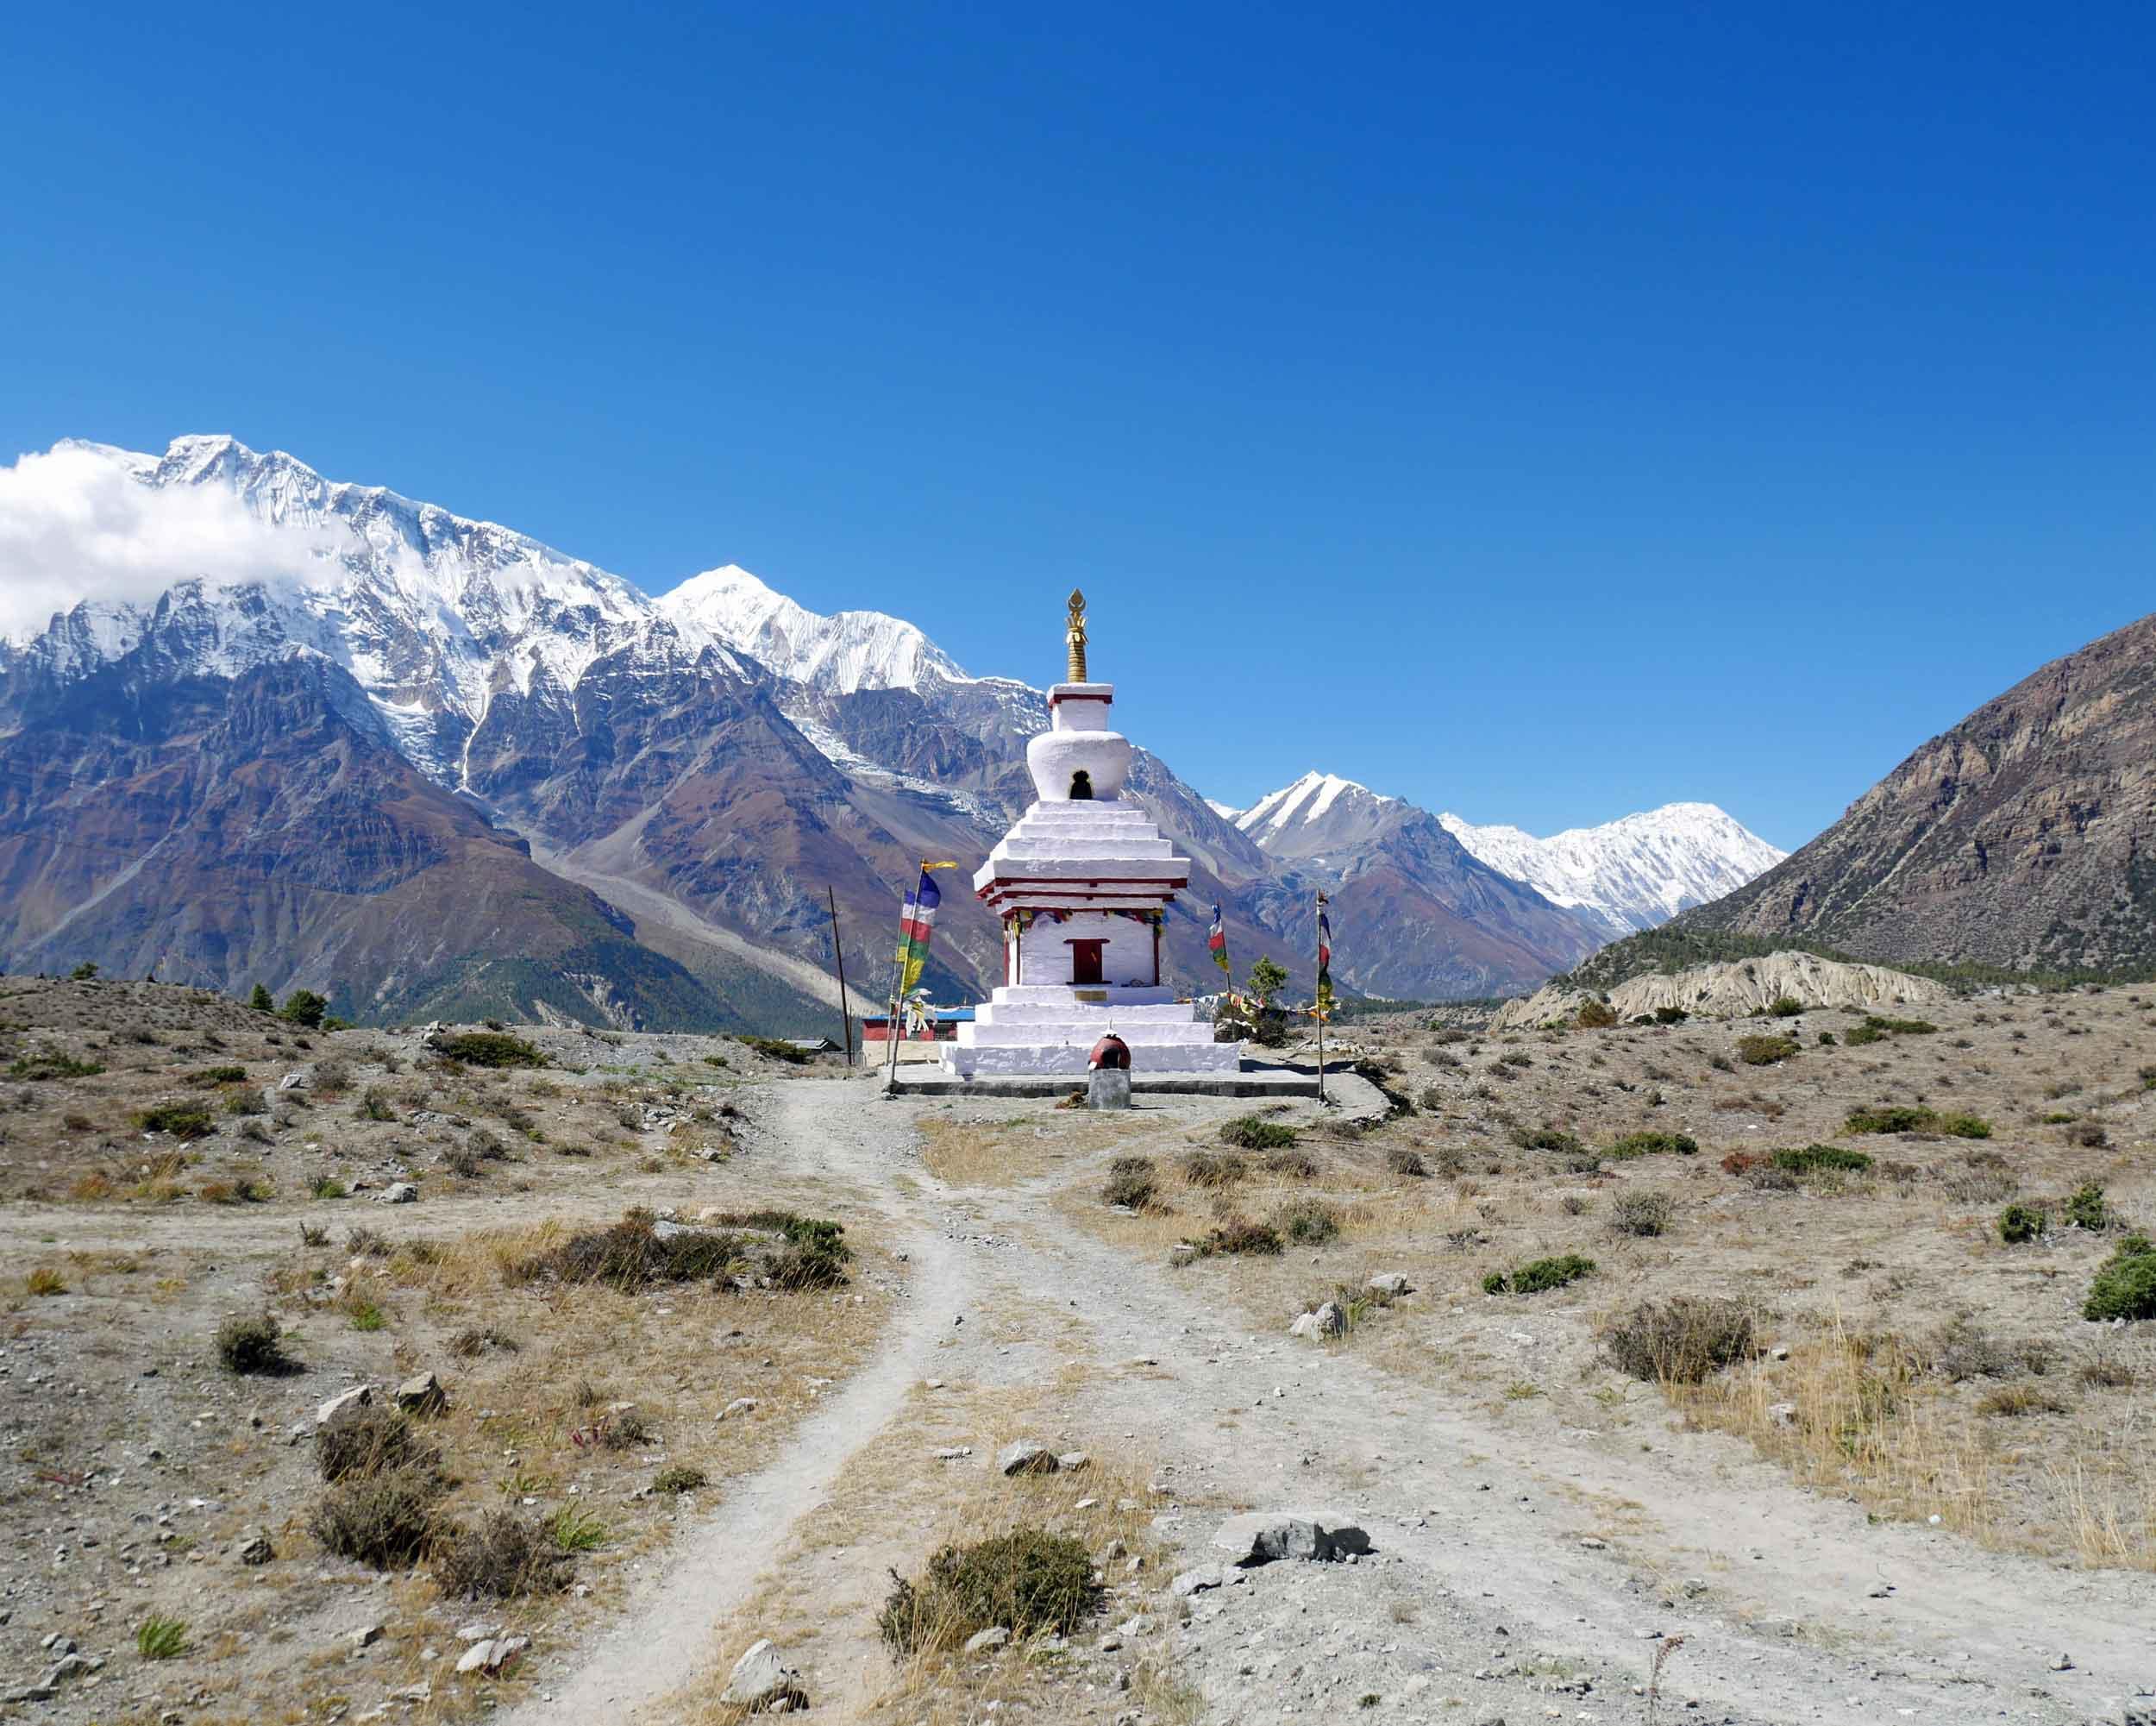 Annapurna Circuit, Himalayas, Nepal; October 2017.